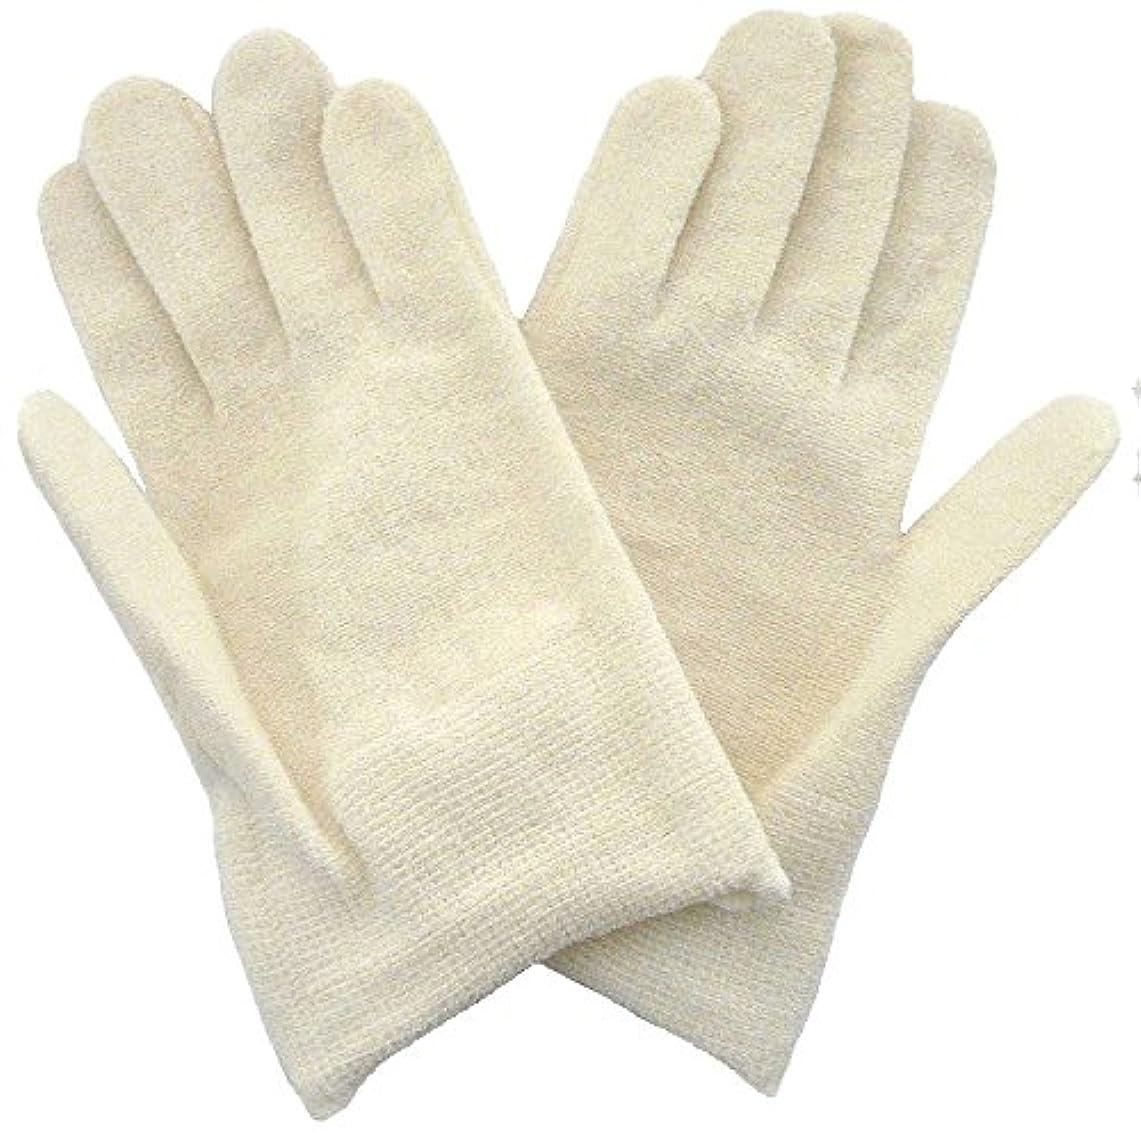 努力するむしゃむしゃ威する【アトピー】【水疱瘡】【皮膚炎】 ナノミックス おやすみ手袋:キッズ用 アイボリー